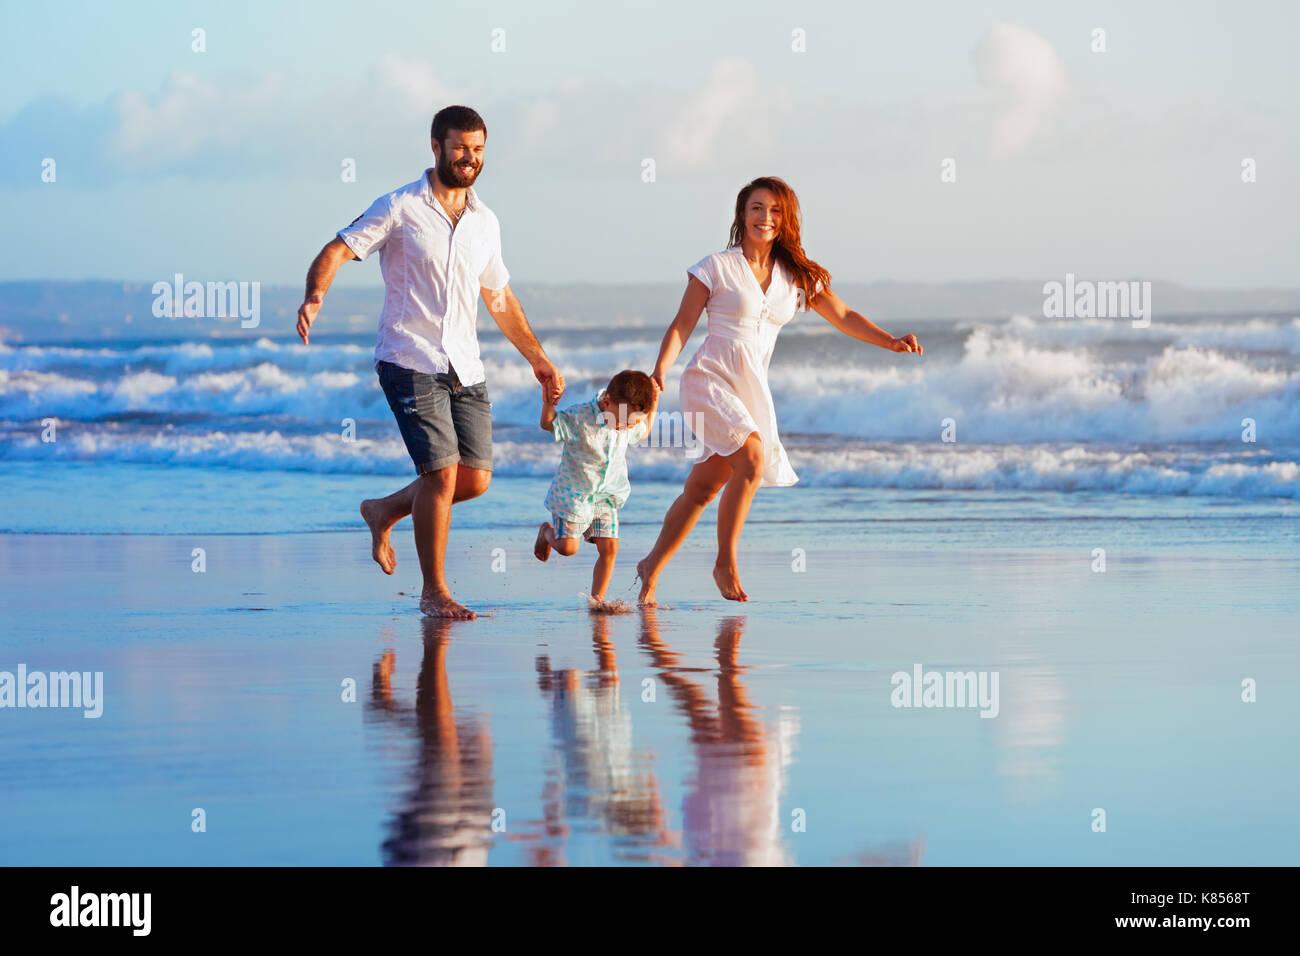 Familia feliz, padre, madre, hijo divertirse juntos, el niño ejecuta con toques de piscina de agua de mar a lo largo de sunset surf en la playa de arena negra. Imagen De Stock